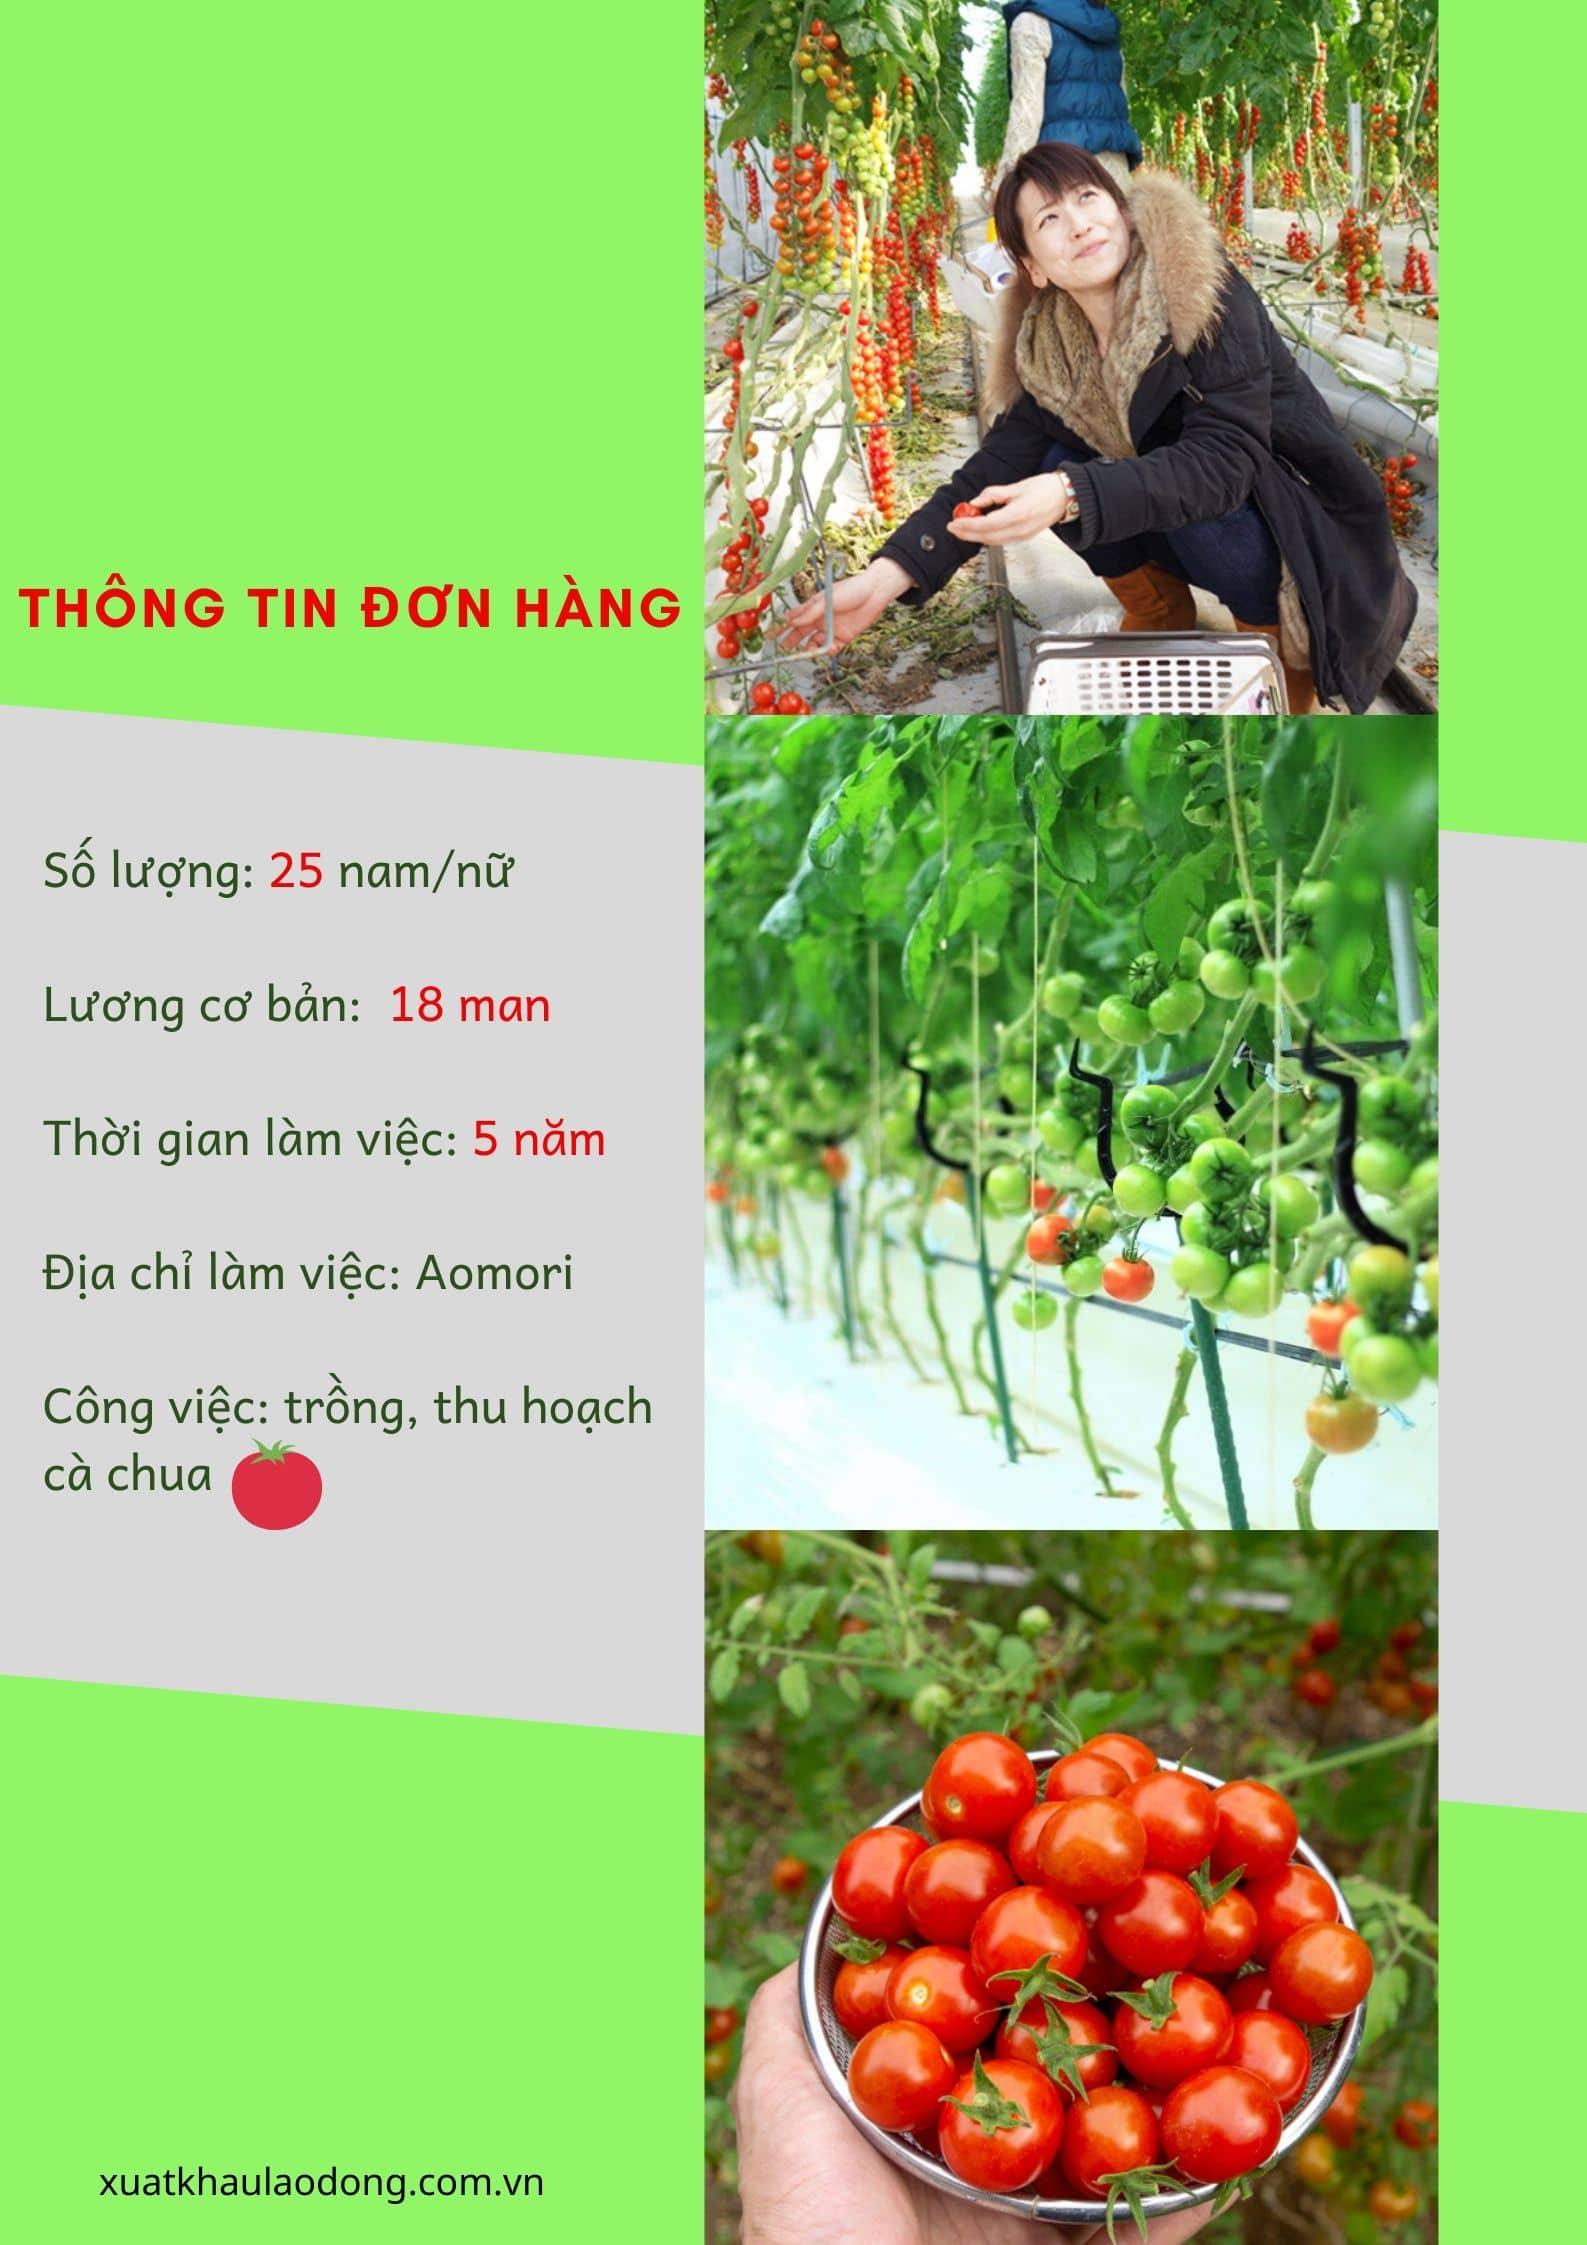 Thực tế đơn hàng đặc định trồng và thu hoạch cà chua